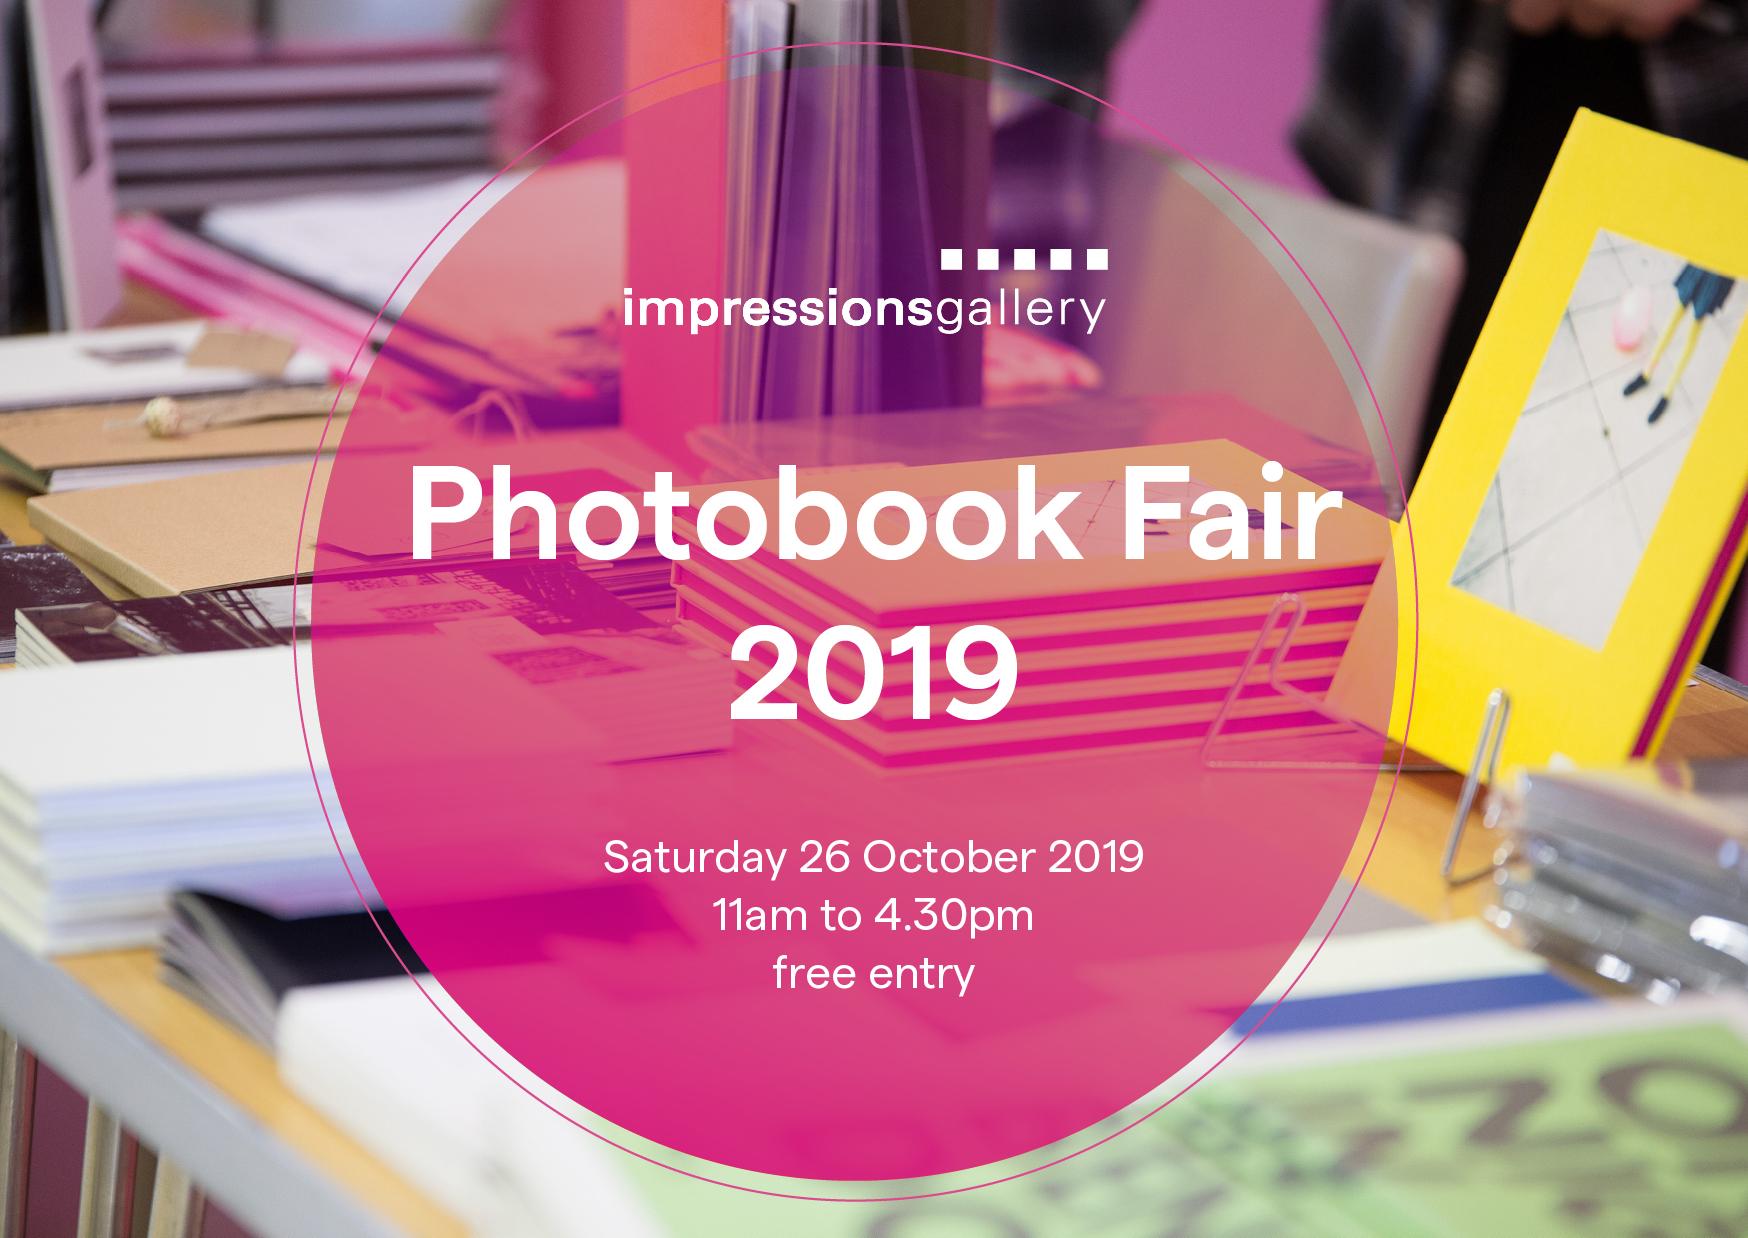 Photobook Fair 2019